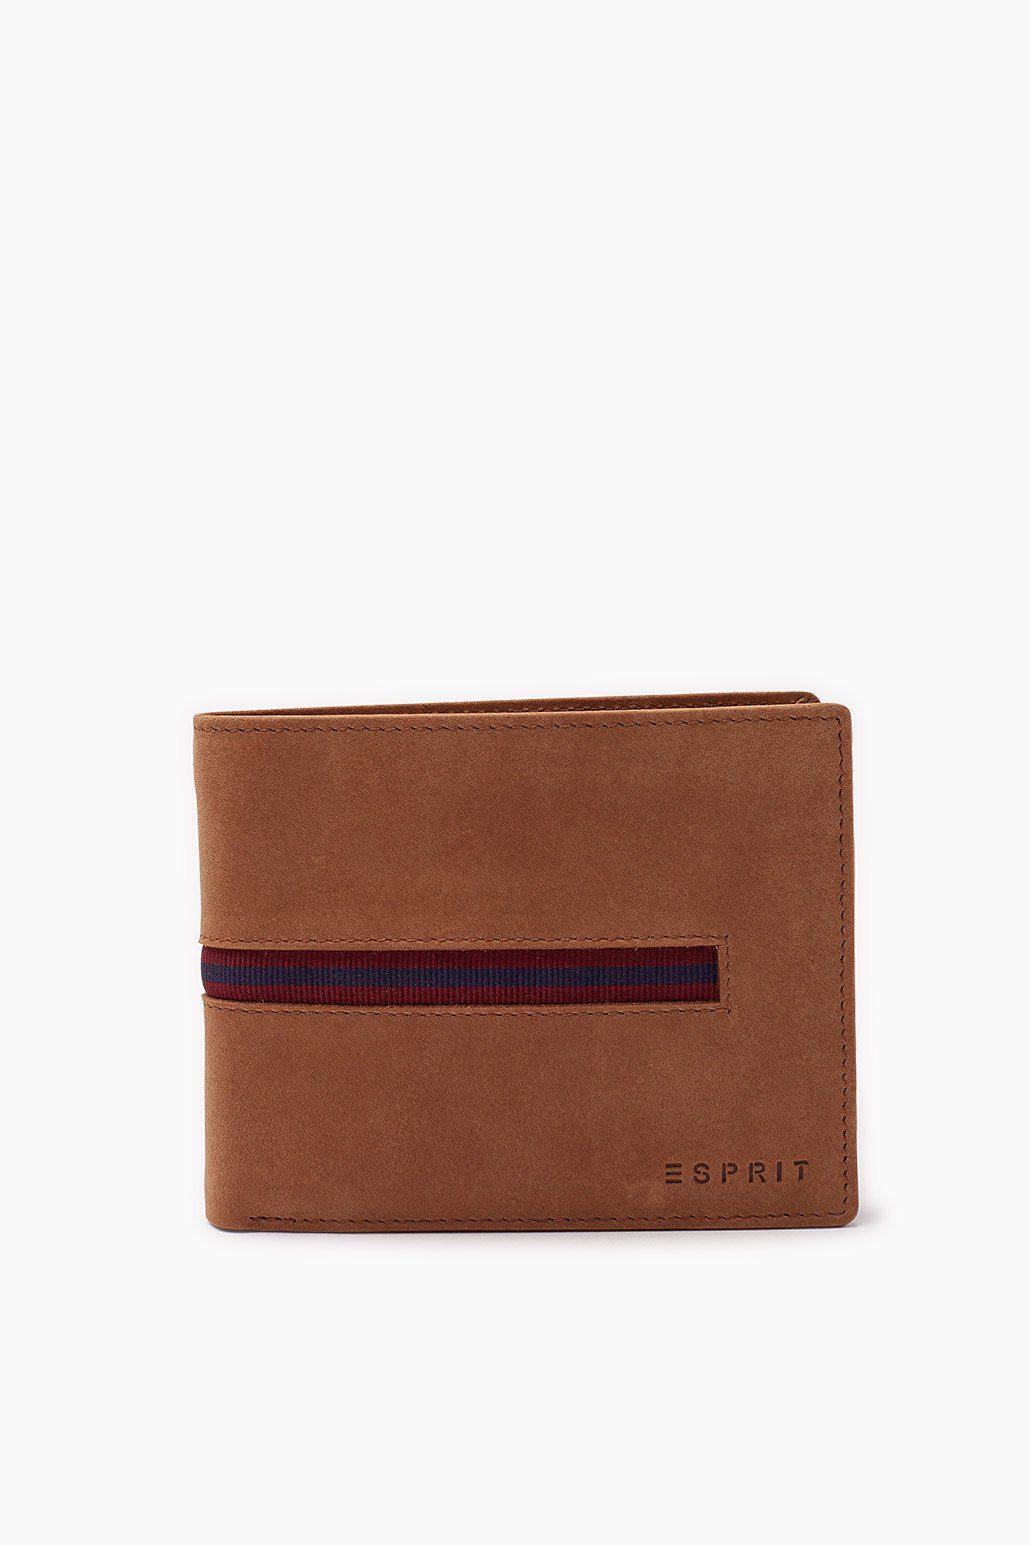 ESPRIT CASUAL Lederbörse mit Ripsband und Beutel